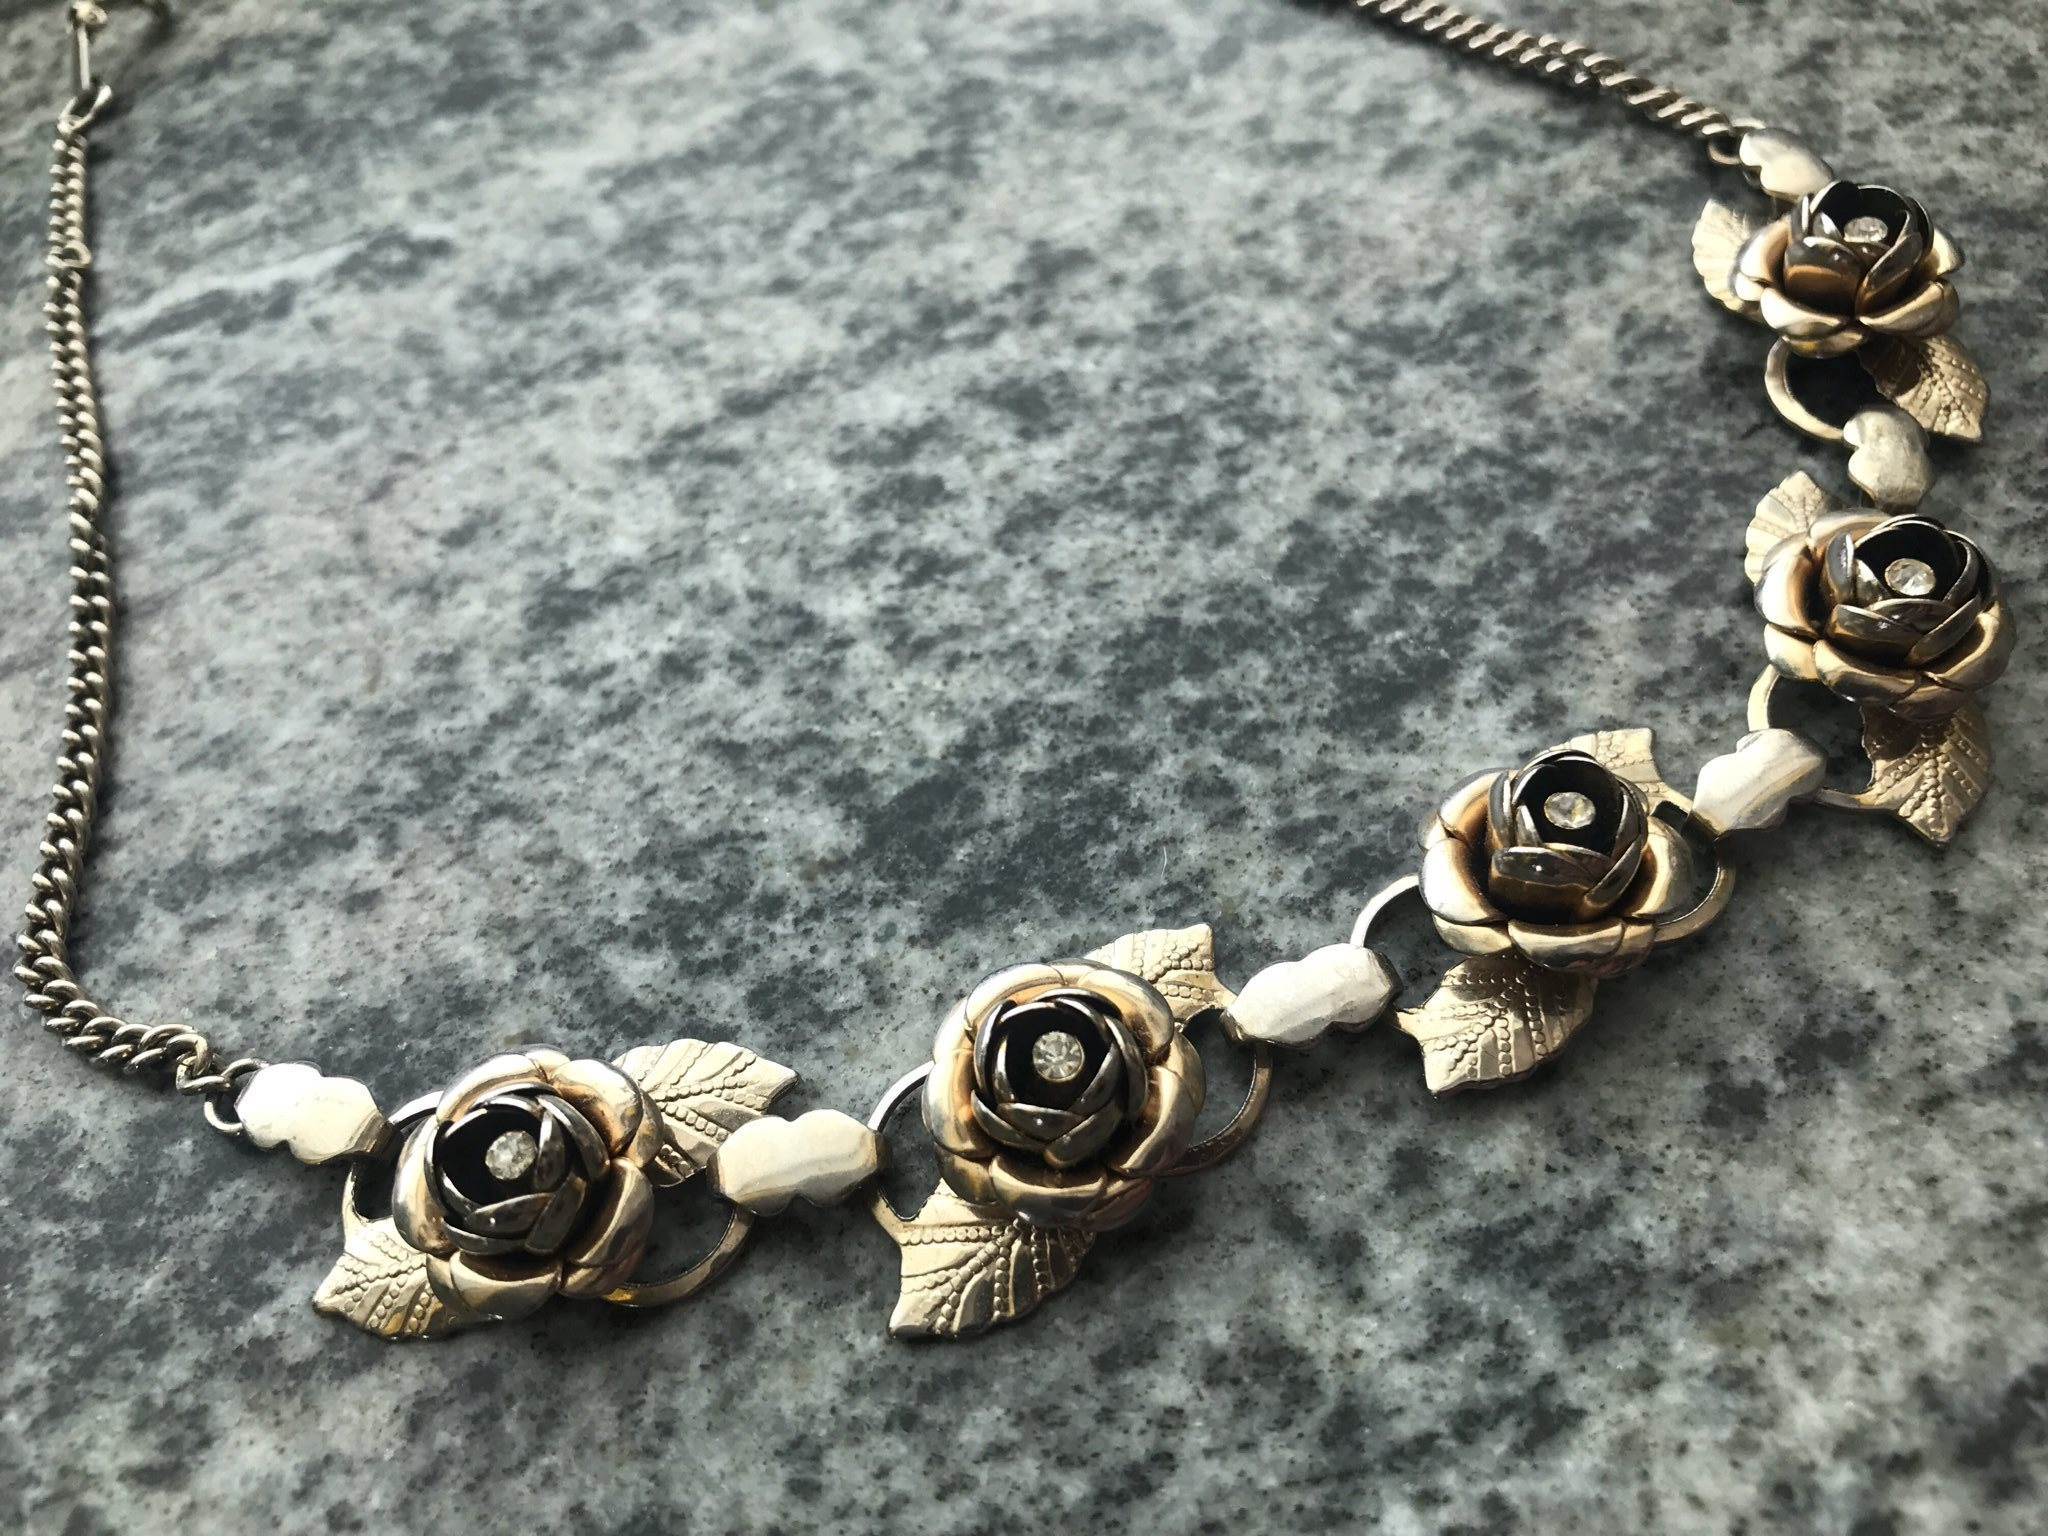 Dekorativ Halsband Rosor Fest Jul Nyår Elegant Smycke Romantisk Ros Strass 37bcebdf8cbe7